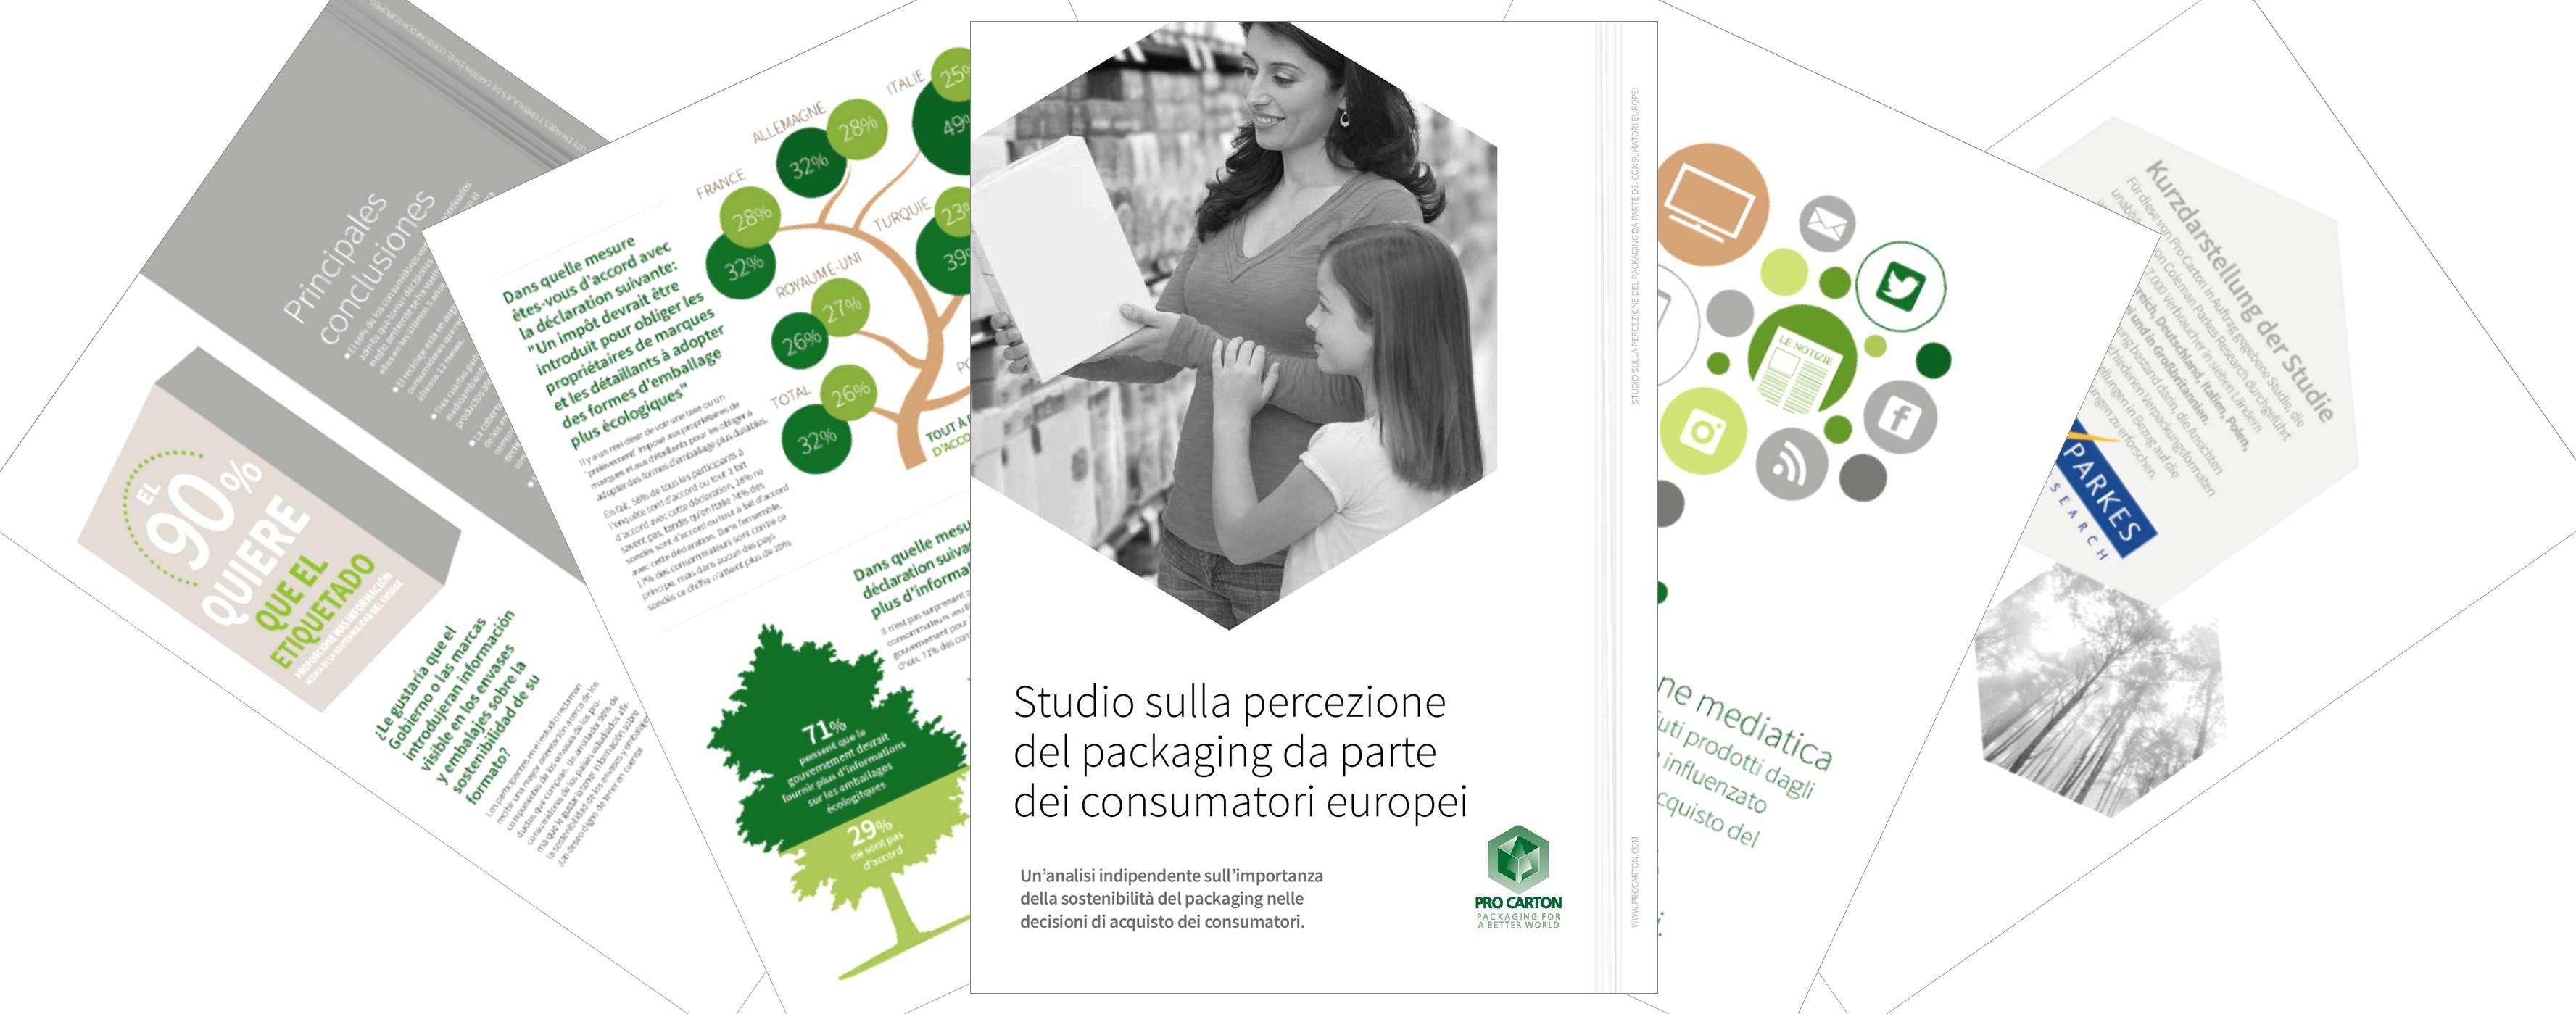 Studio sulla percezione del packaging da parte dei consumatori europei